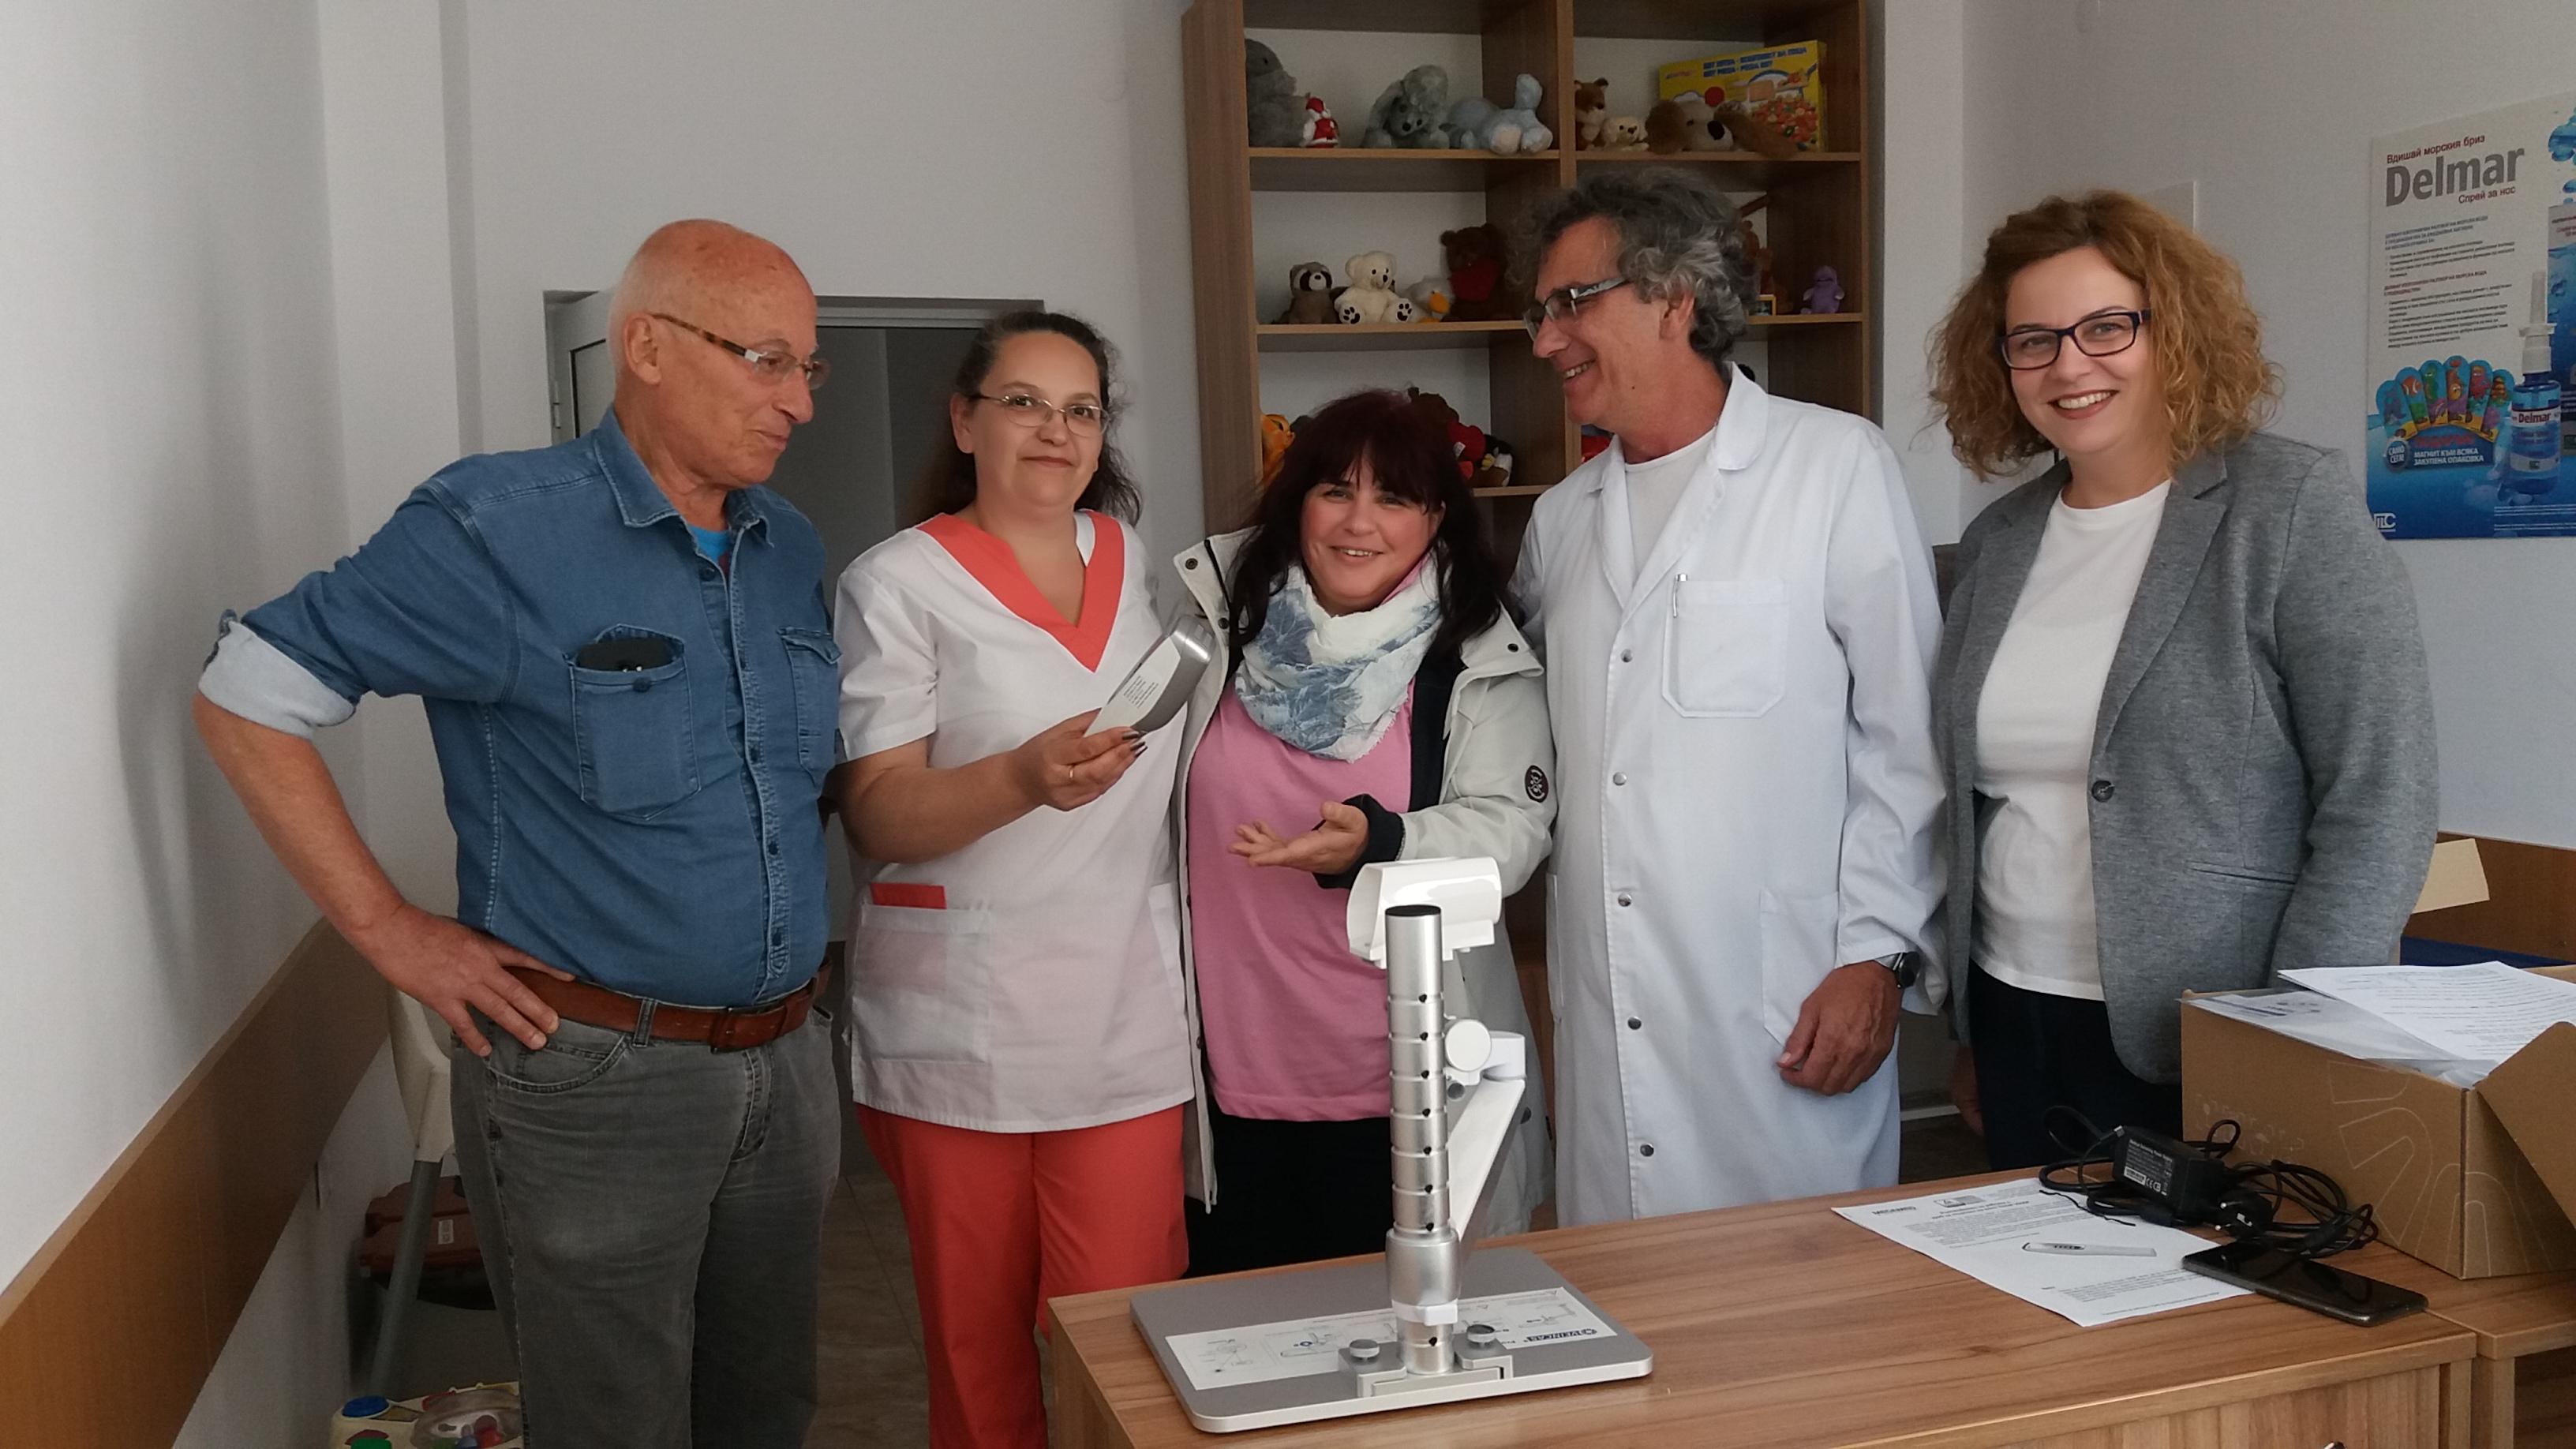 """Смолянската фирма """"ЕМЕ"""" дари на Детско отделение апарат за лесно и безболезнено откриване на вени"""